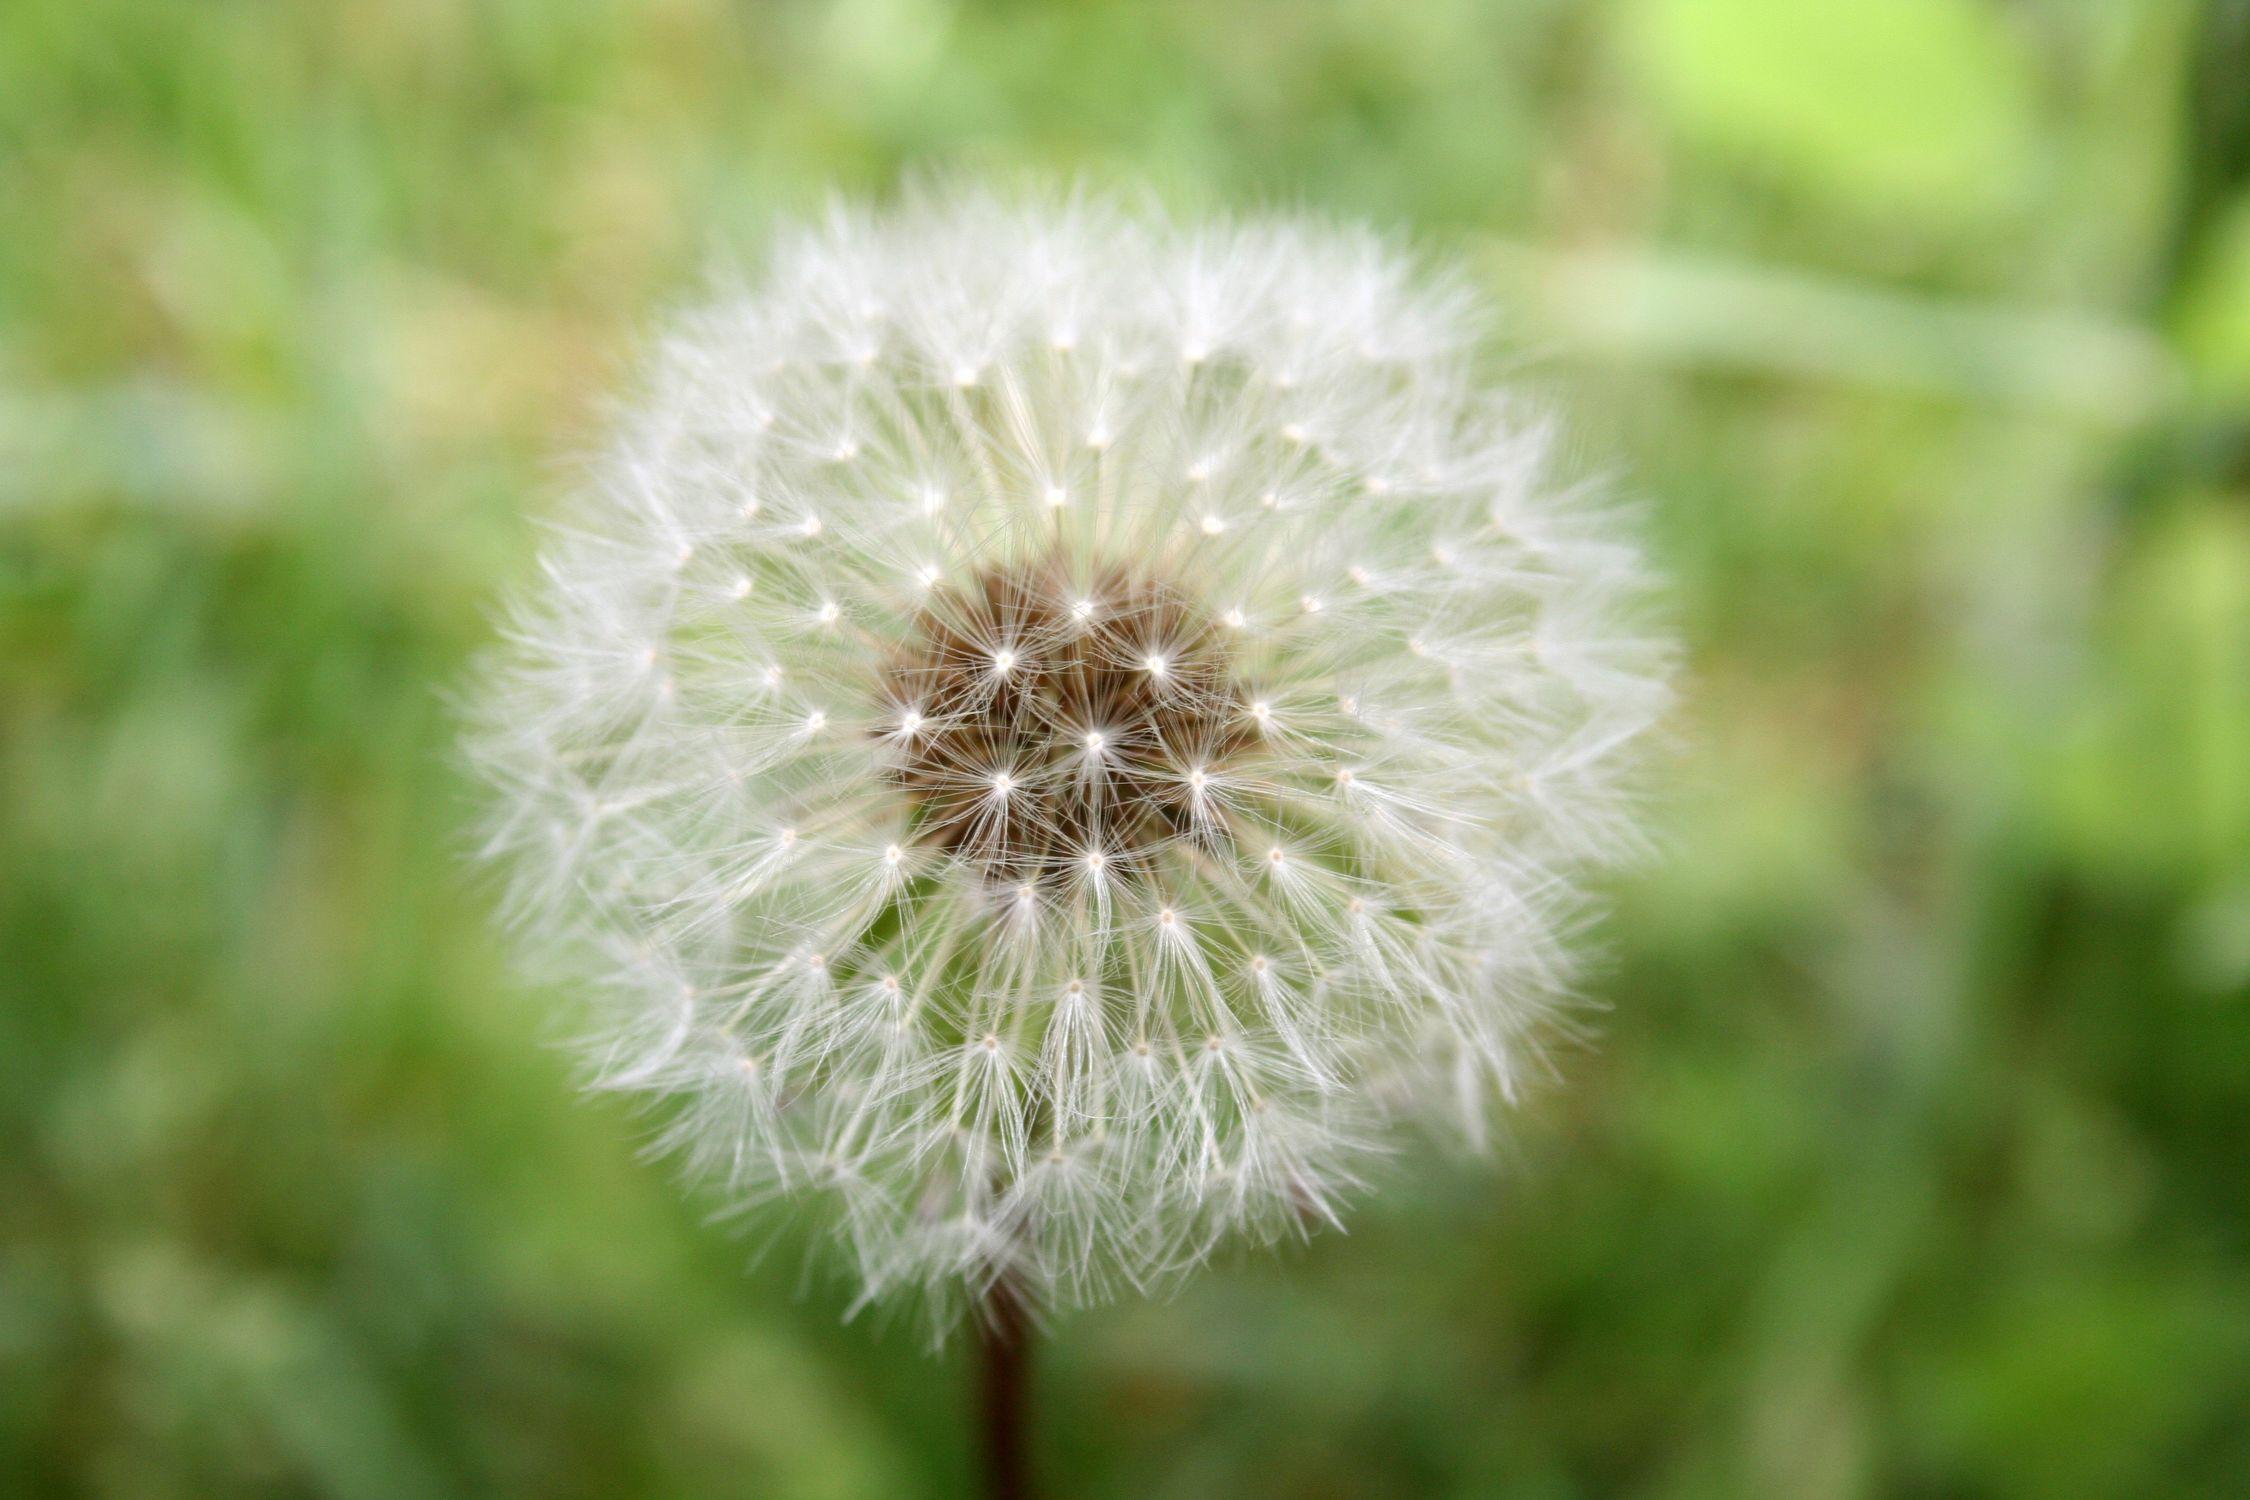 Bild mit Natur, Pflanzen, Gräser, Jahreszeiten, Blumen, Frühling, Korbblütler, Löwenzähne, Pusteblume